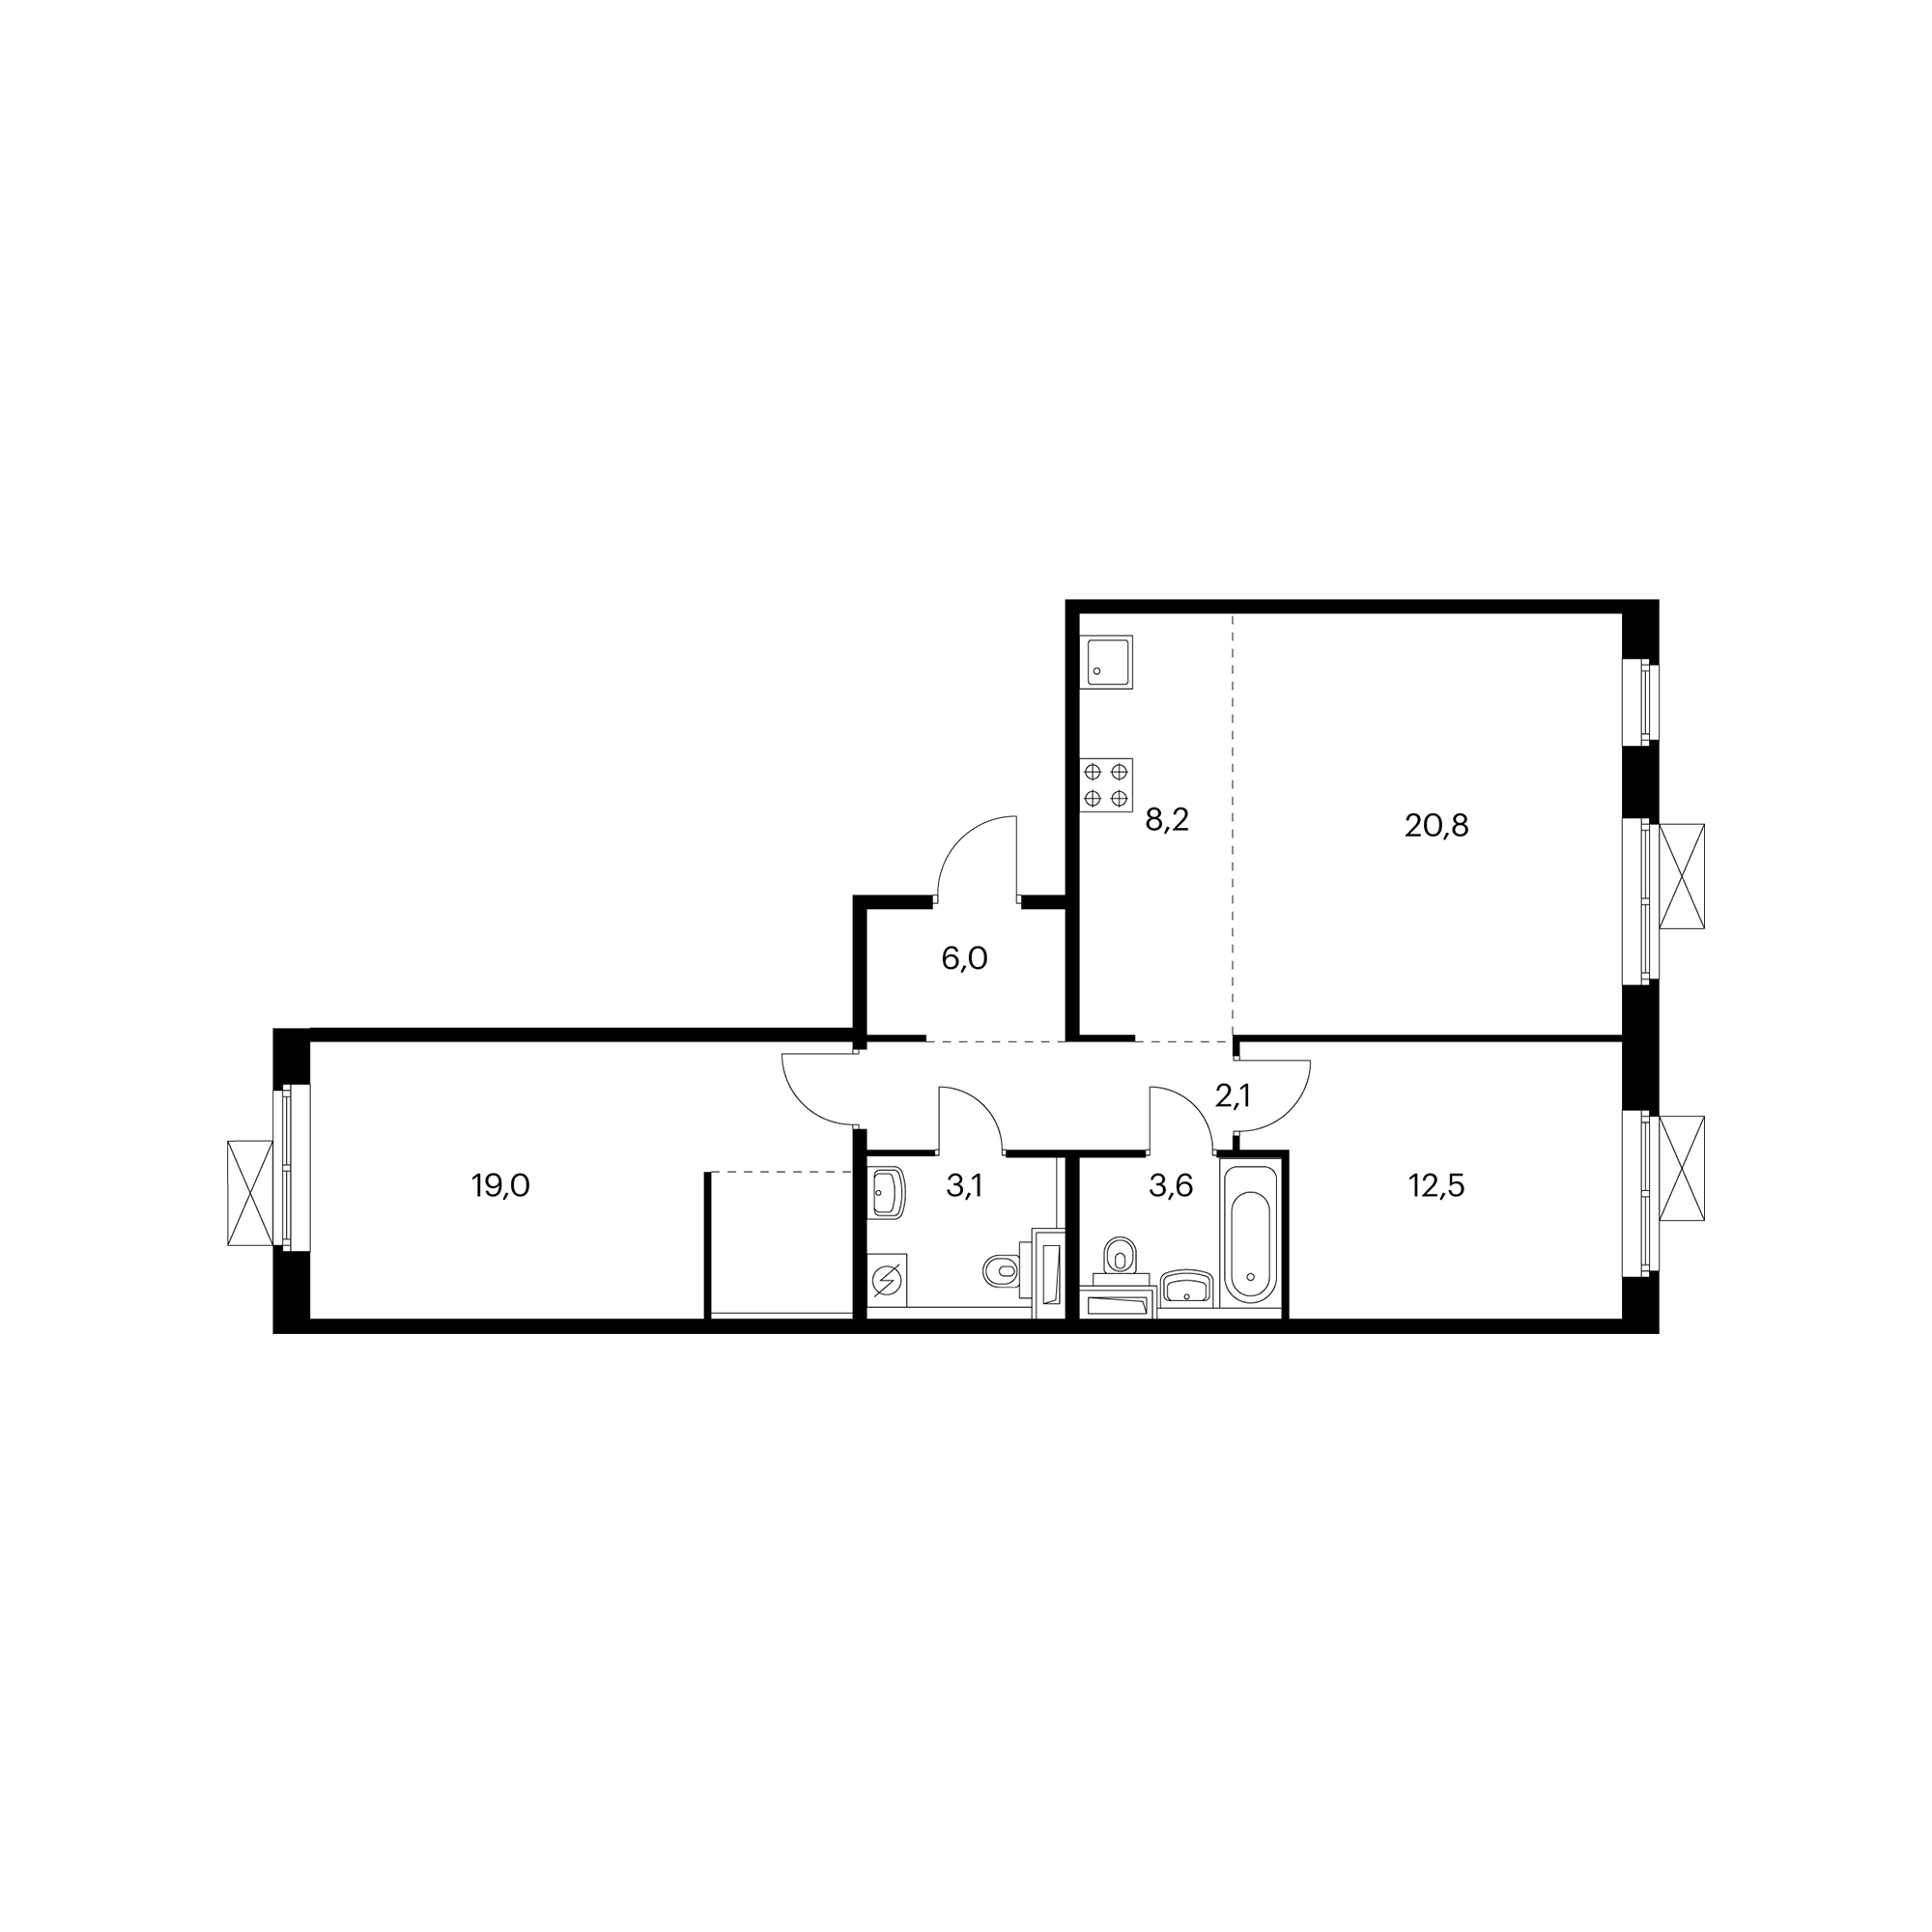 3NM12_8.1-1_S_Z